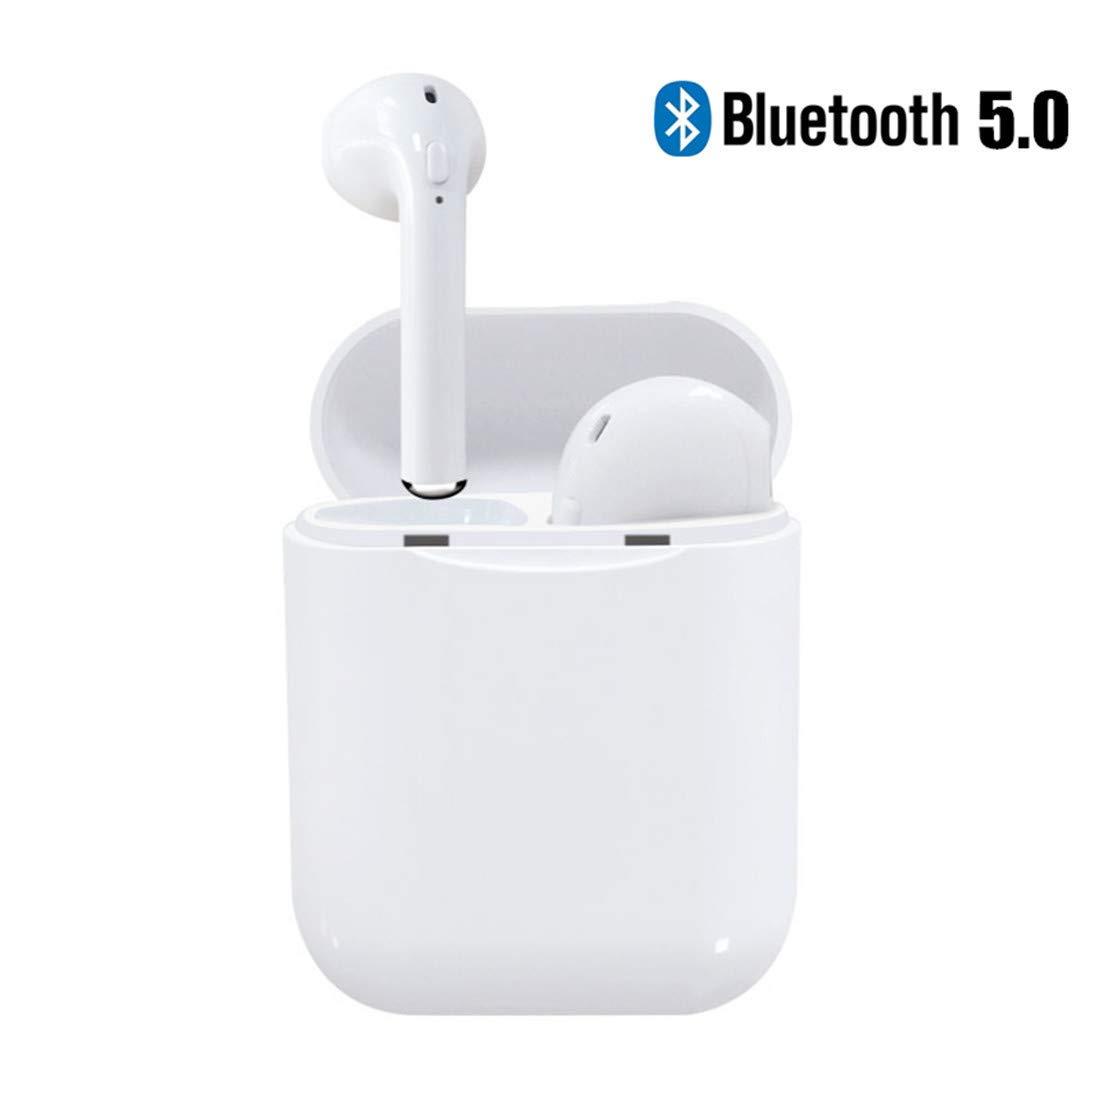 Mini estaci/ón de Carga reducci/ón de Ruido de micr/ófono HD Compatible con Android//iOS y Todos los Dispositivos Bluetooth est/éreo 3D Auriculares inal/ámbricos Auriculares Bluetooth 5.0